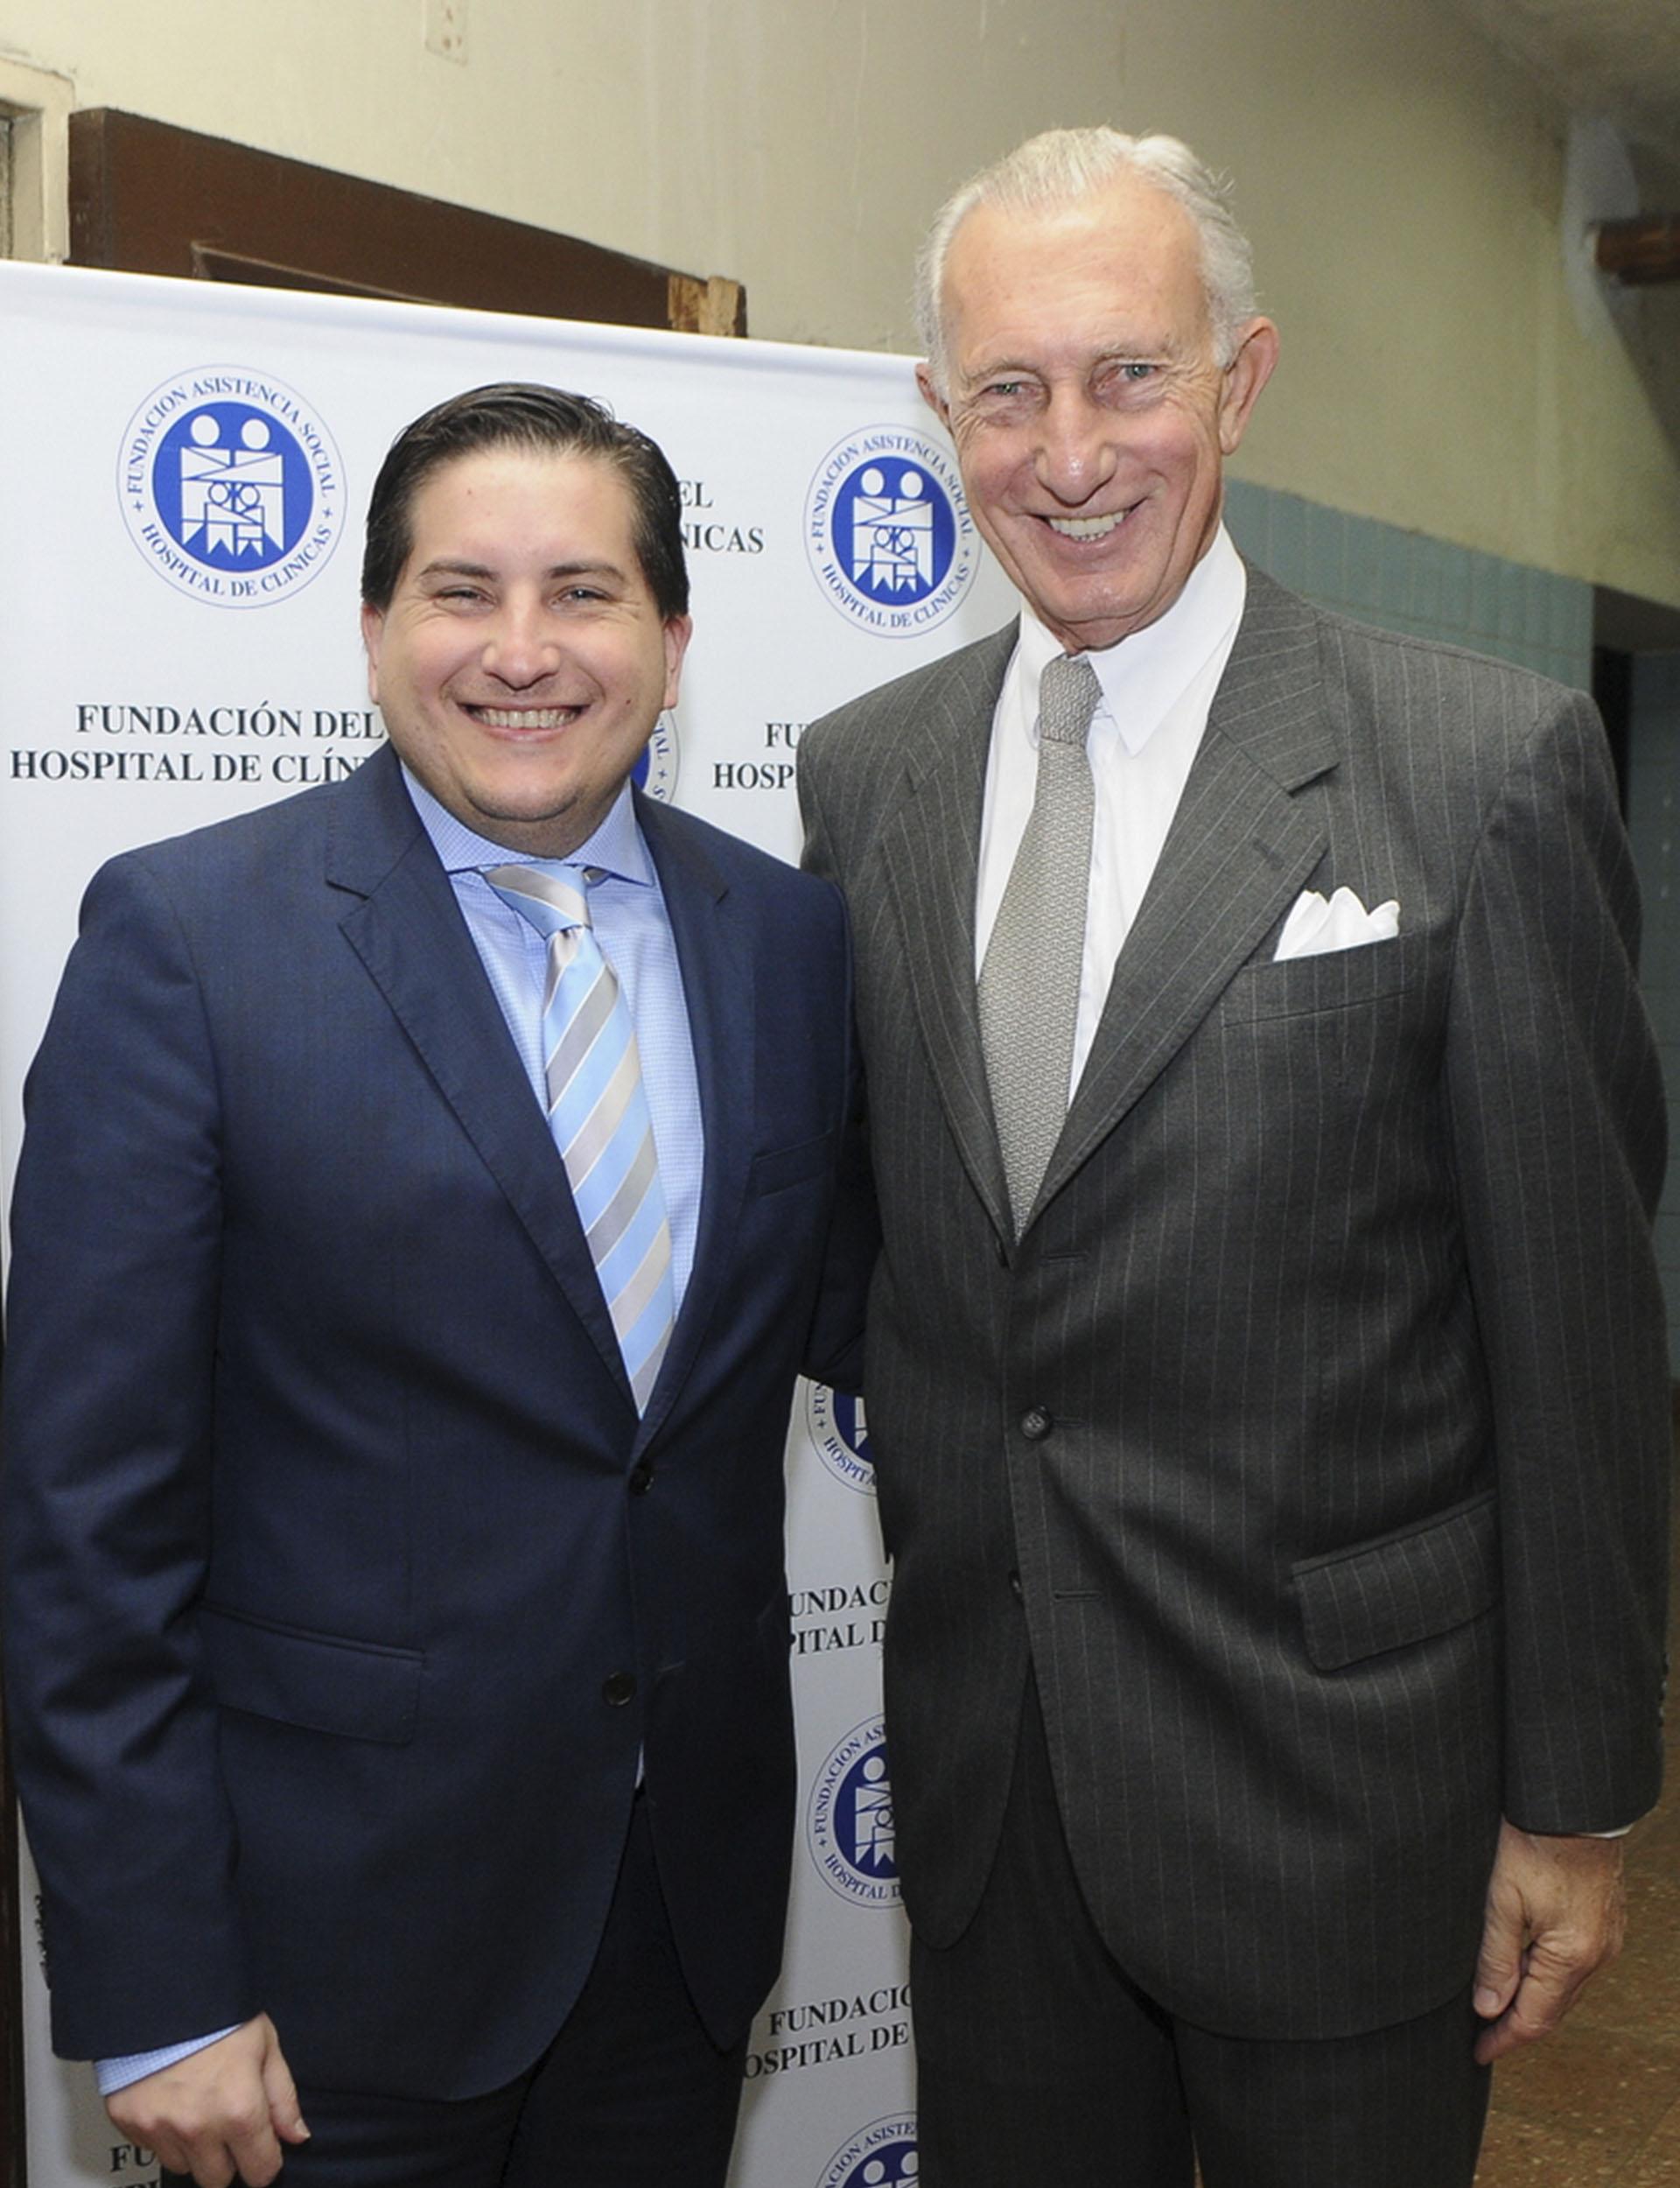 Gastón Corral, director de Sustentabilidad Corporativa deHSBCArgentina, y el empresario Jorge Neuss